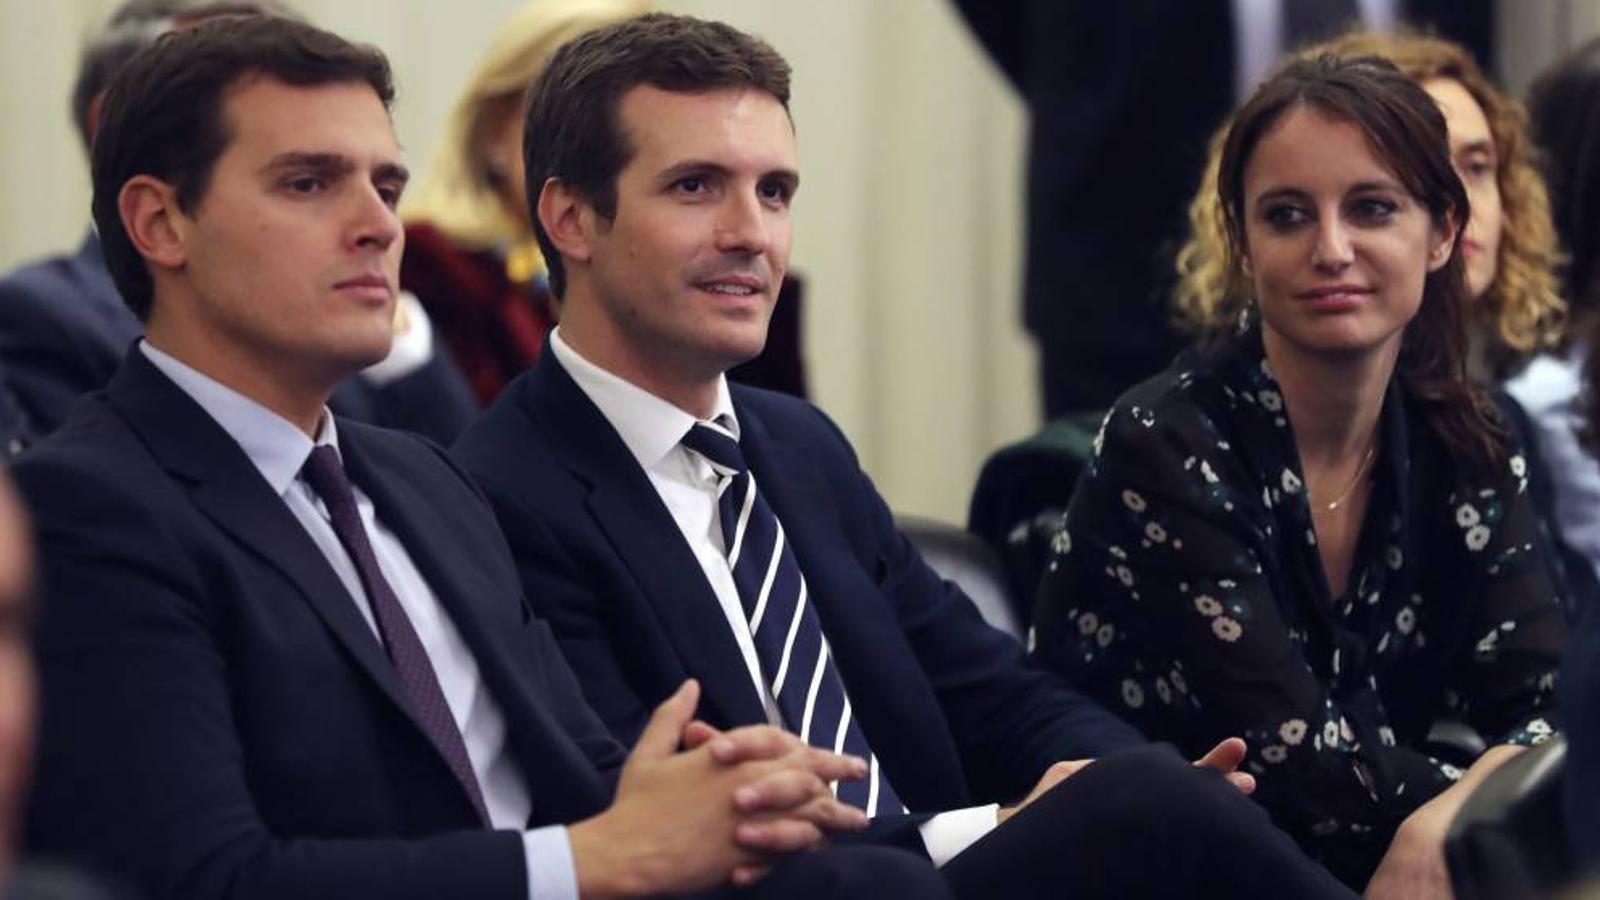 El nou president del PP, Pablo Casado, i el líder de Ciutadans, Albert Rivera, de costat en una imatge d'arxiu